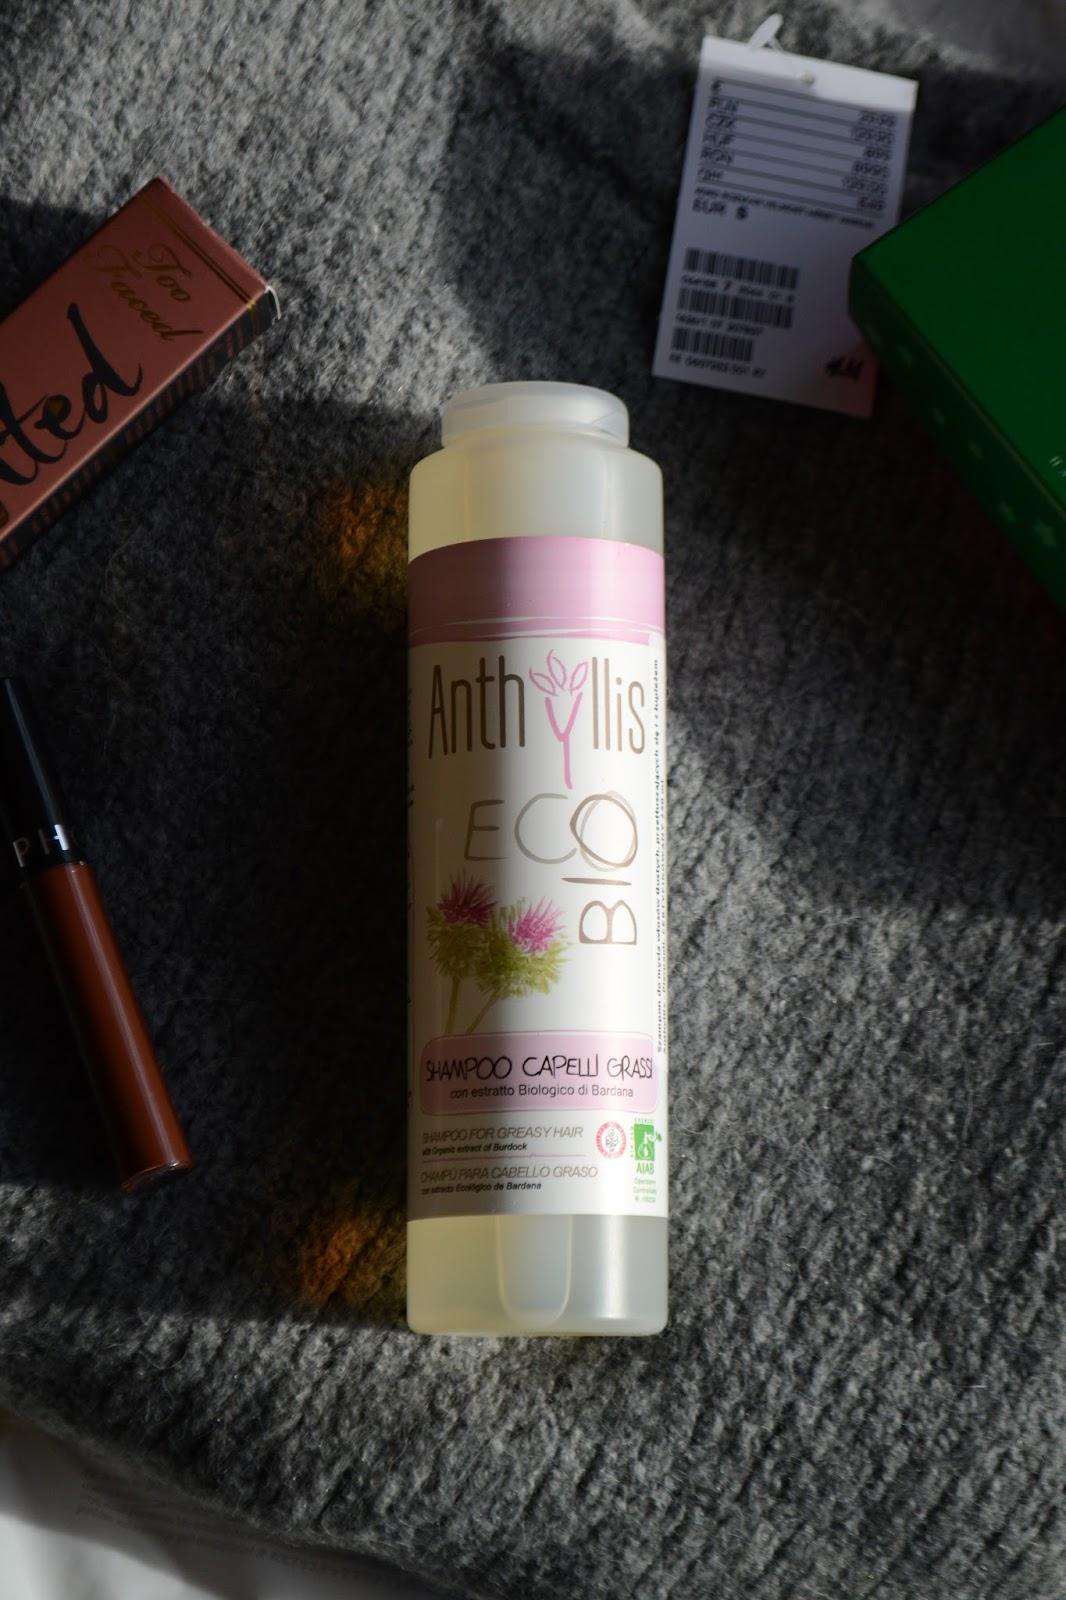 Zamiennik szamponu Normalizującego Vianek - bestseller dla przetłuszczających się wlosów. Szampon Anthyllis z łopianem